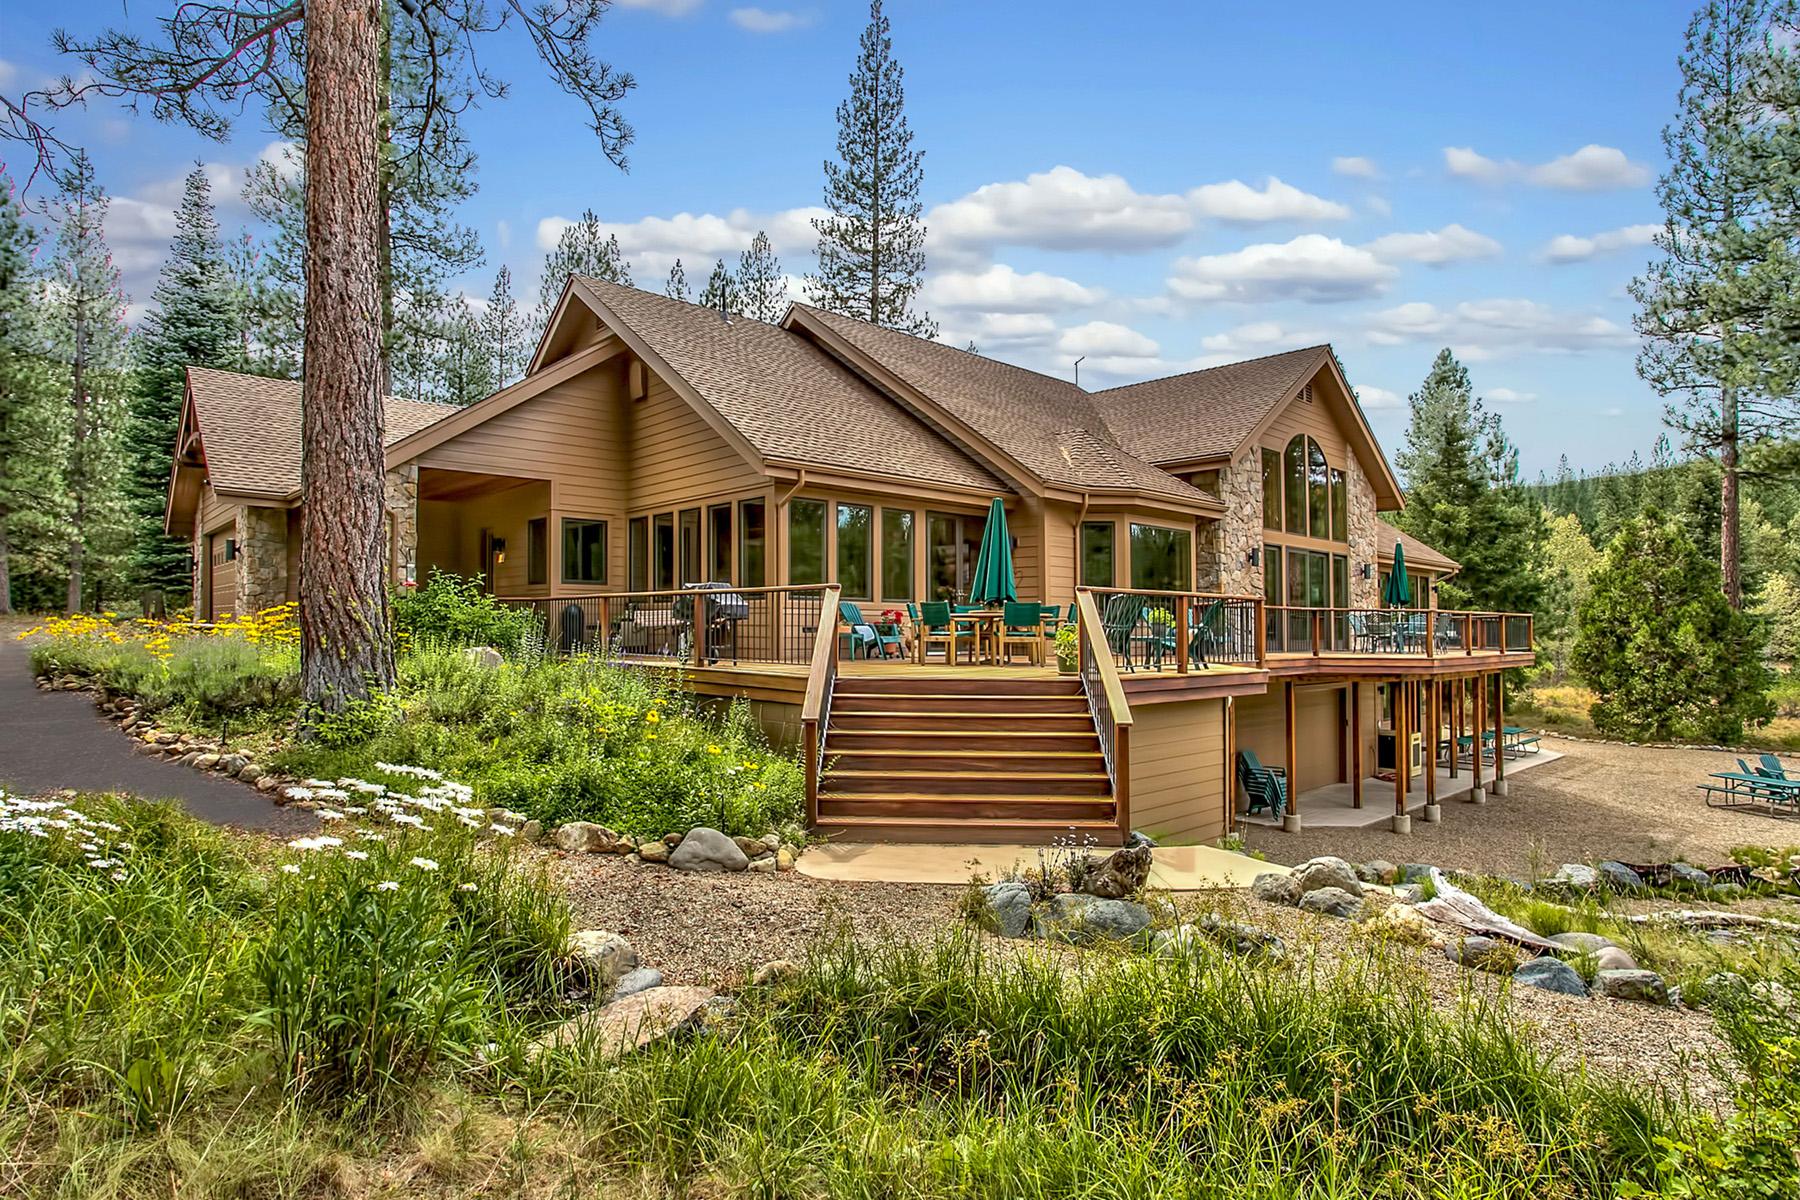 Casa Unifamiliar por un Venta en 1180 Smith Creek Road Graeagle, California 96103 Estados Unidos